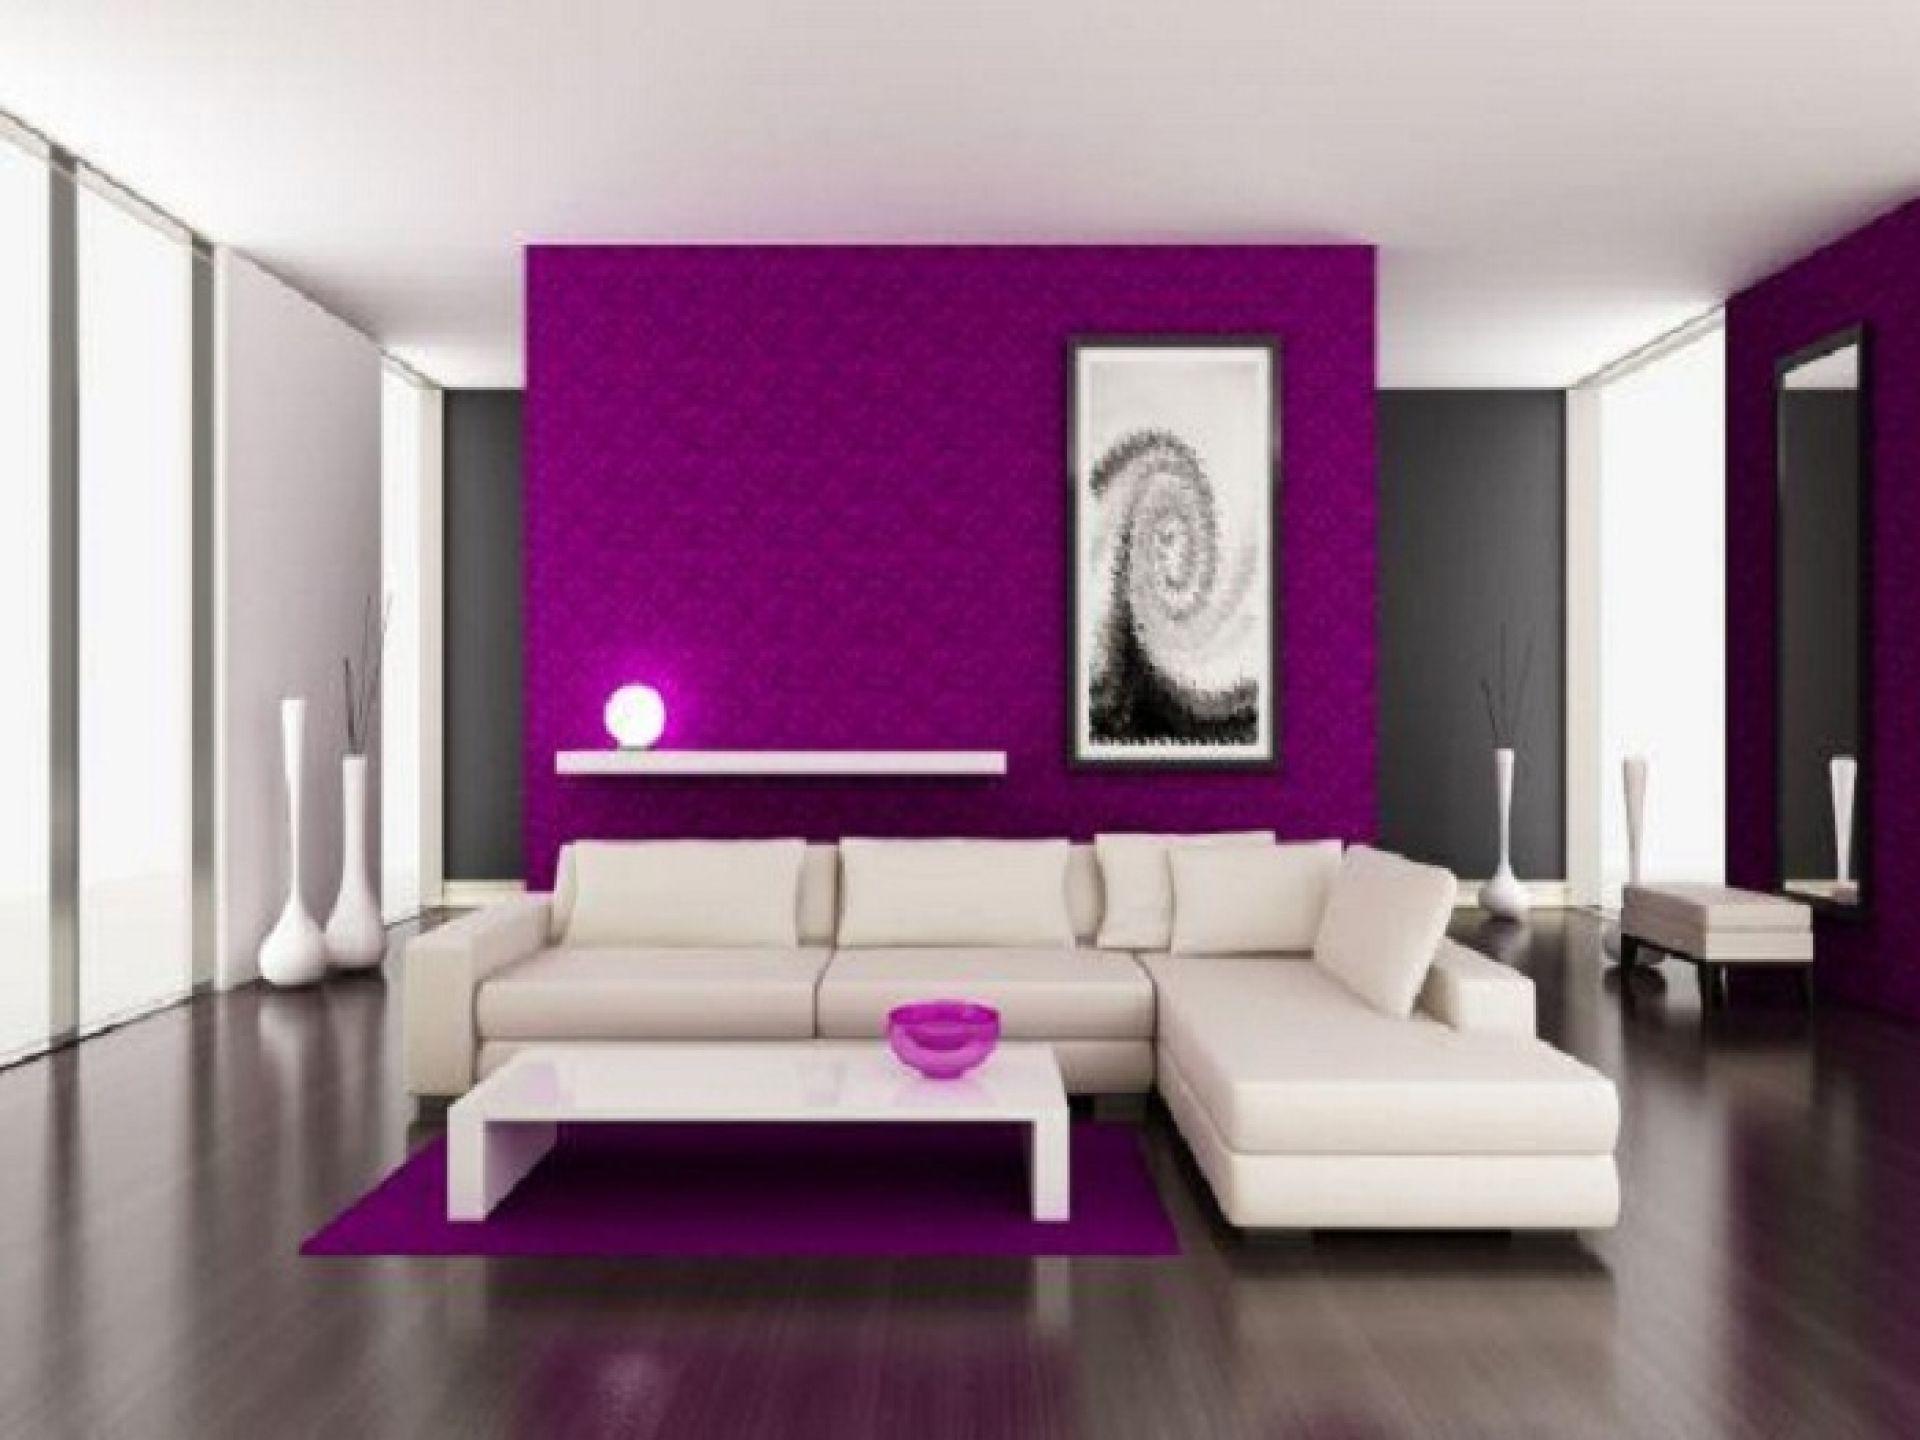 Uberlegen Moderne Schlafzimmer Mit Lila Tapete Akzent   Schlafzimmer